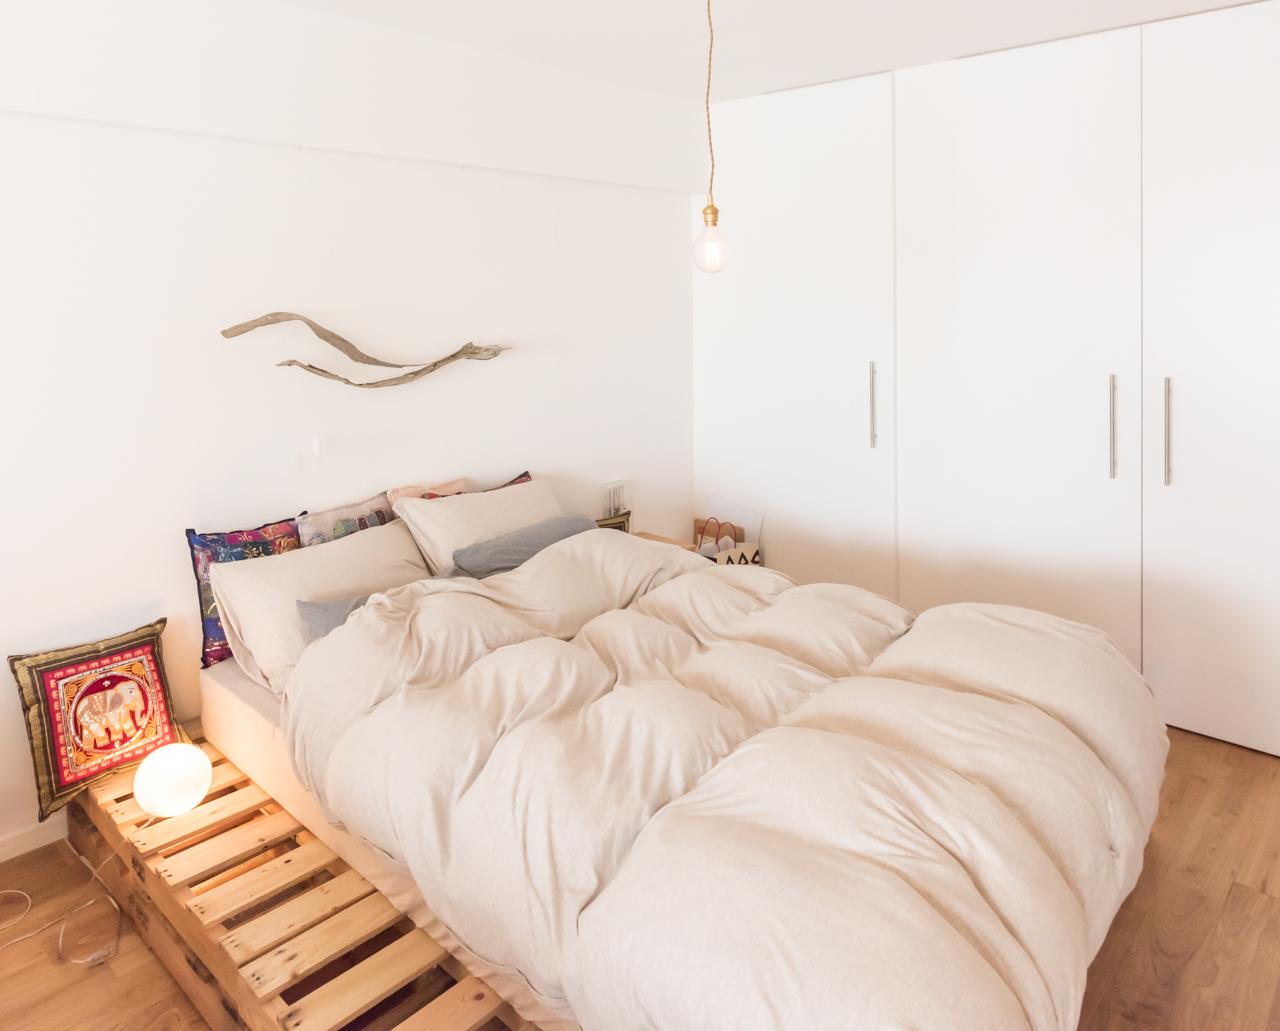 シンプルな流木を壁に飾って、少しだけ海辺の雰囲気をお部屋に。